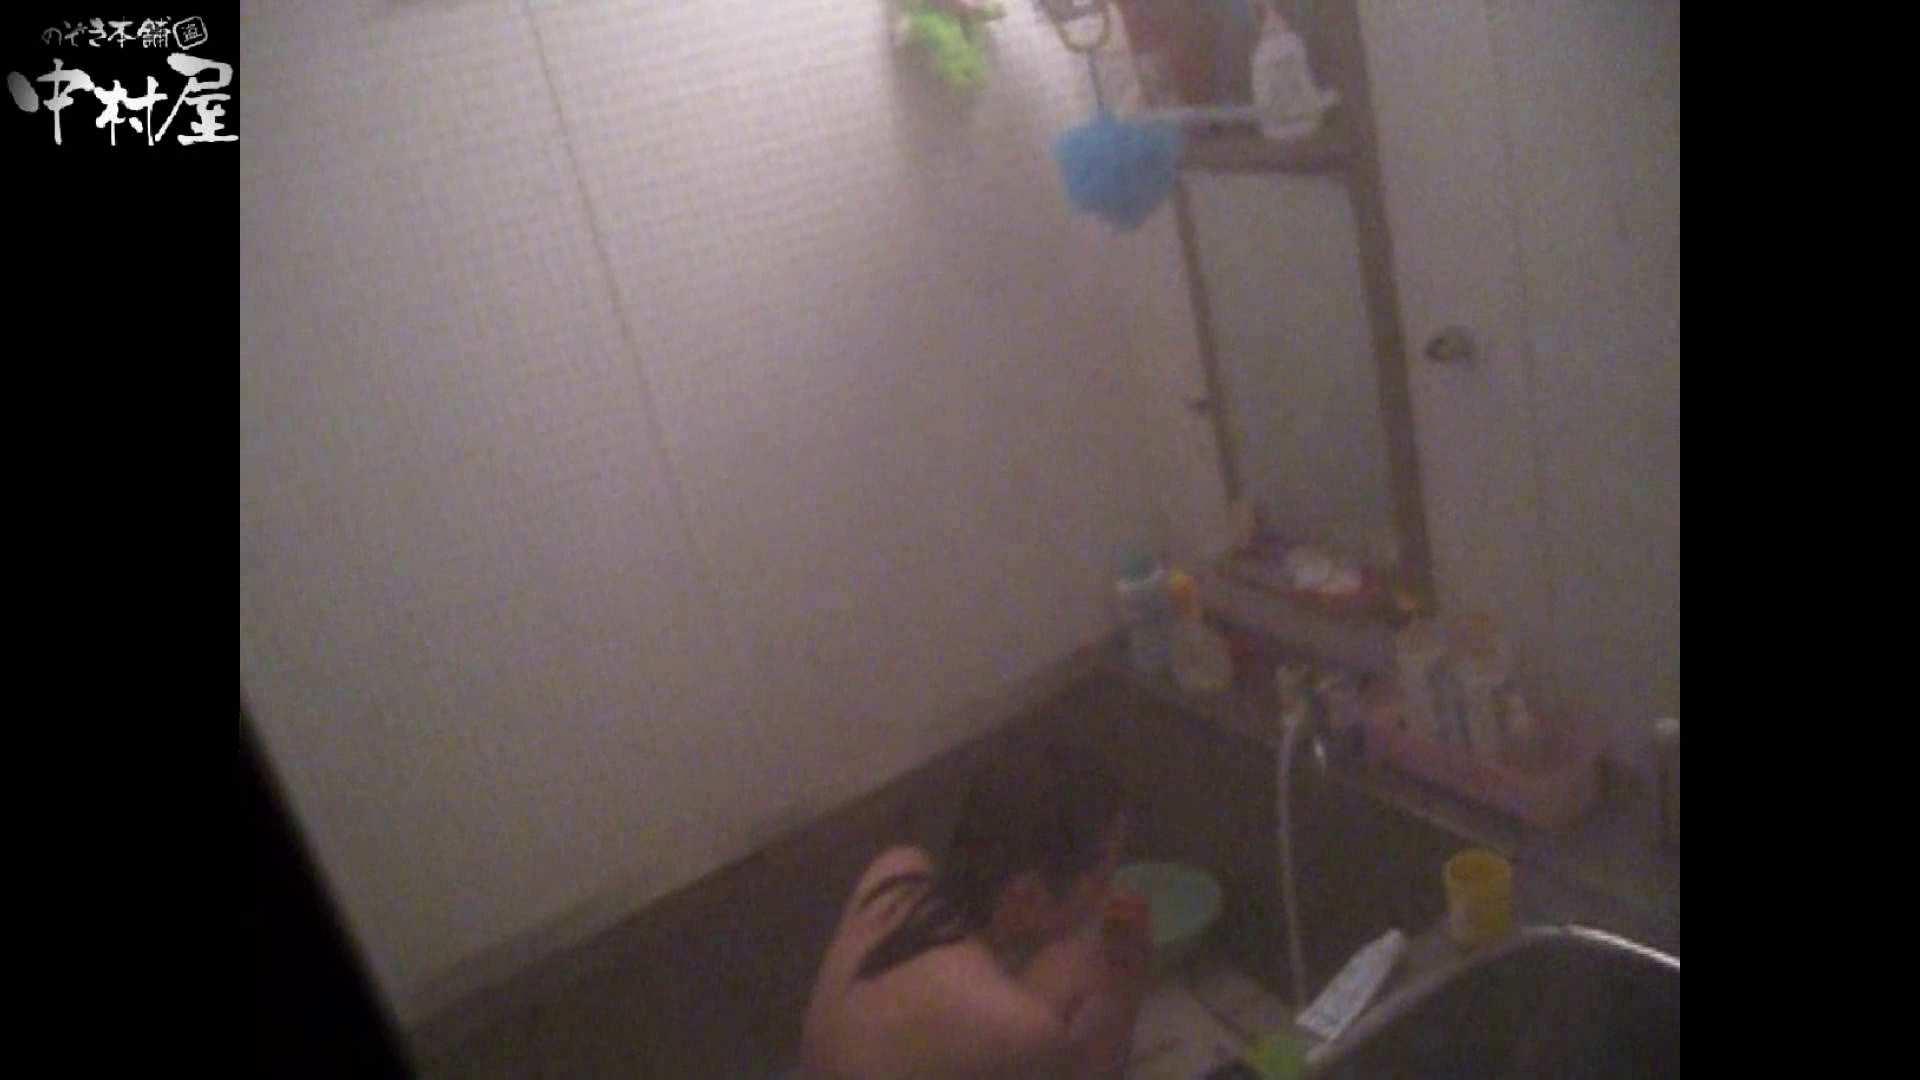 民家風呂専門盗撮師の超危険映像 vol.020 エロい美少女 セックス画像 93PIX 69